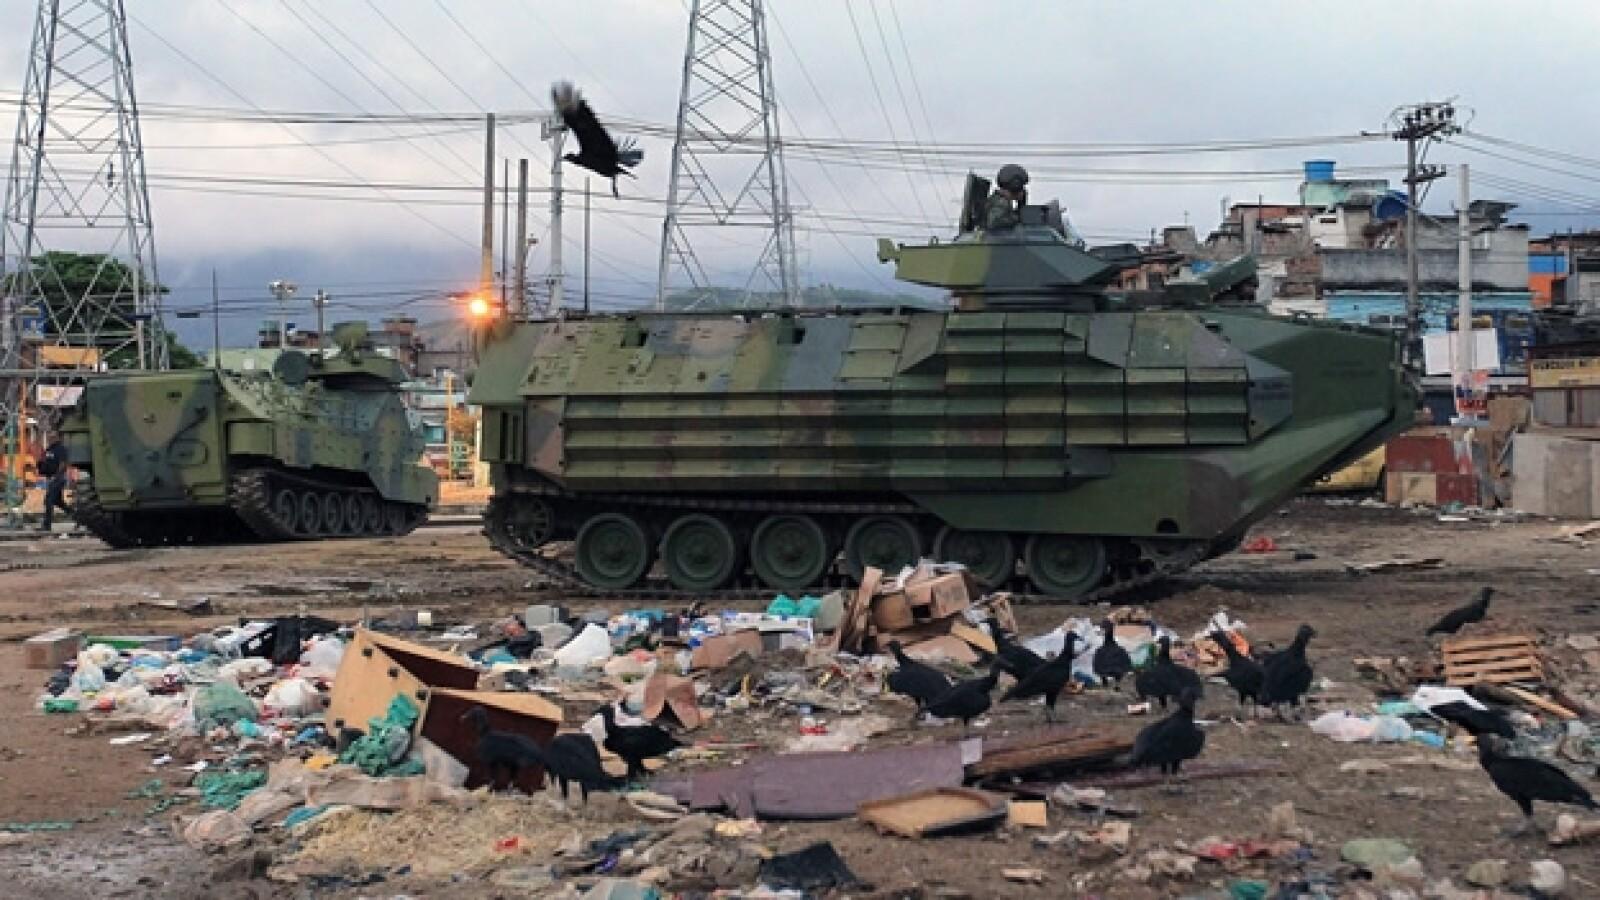 vehiculos blindados en una favela